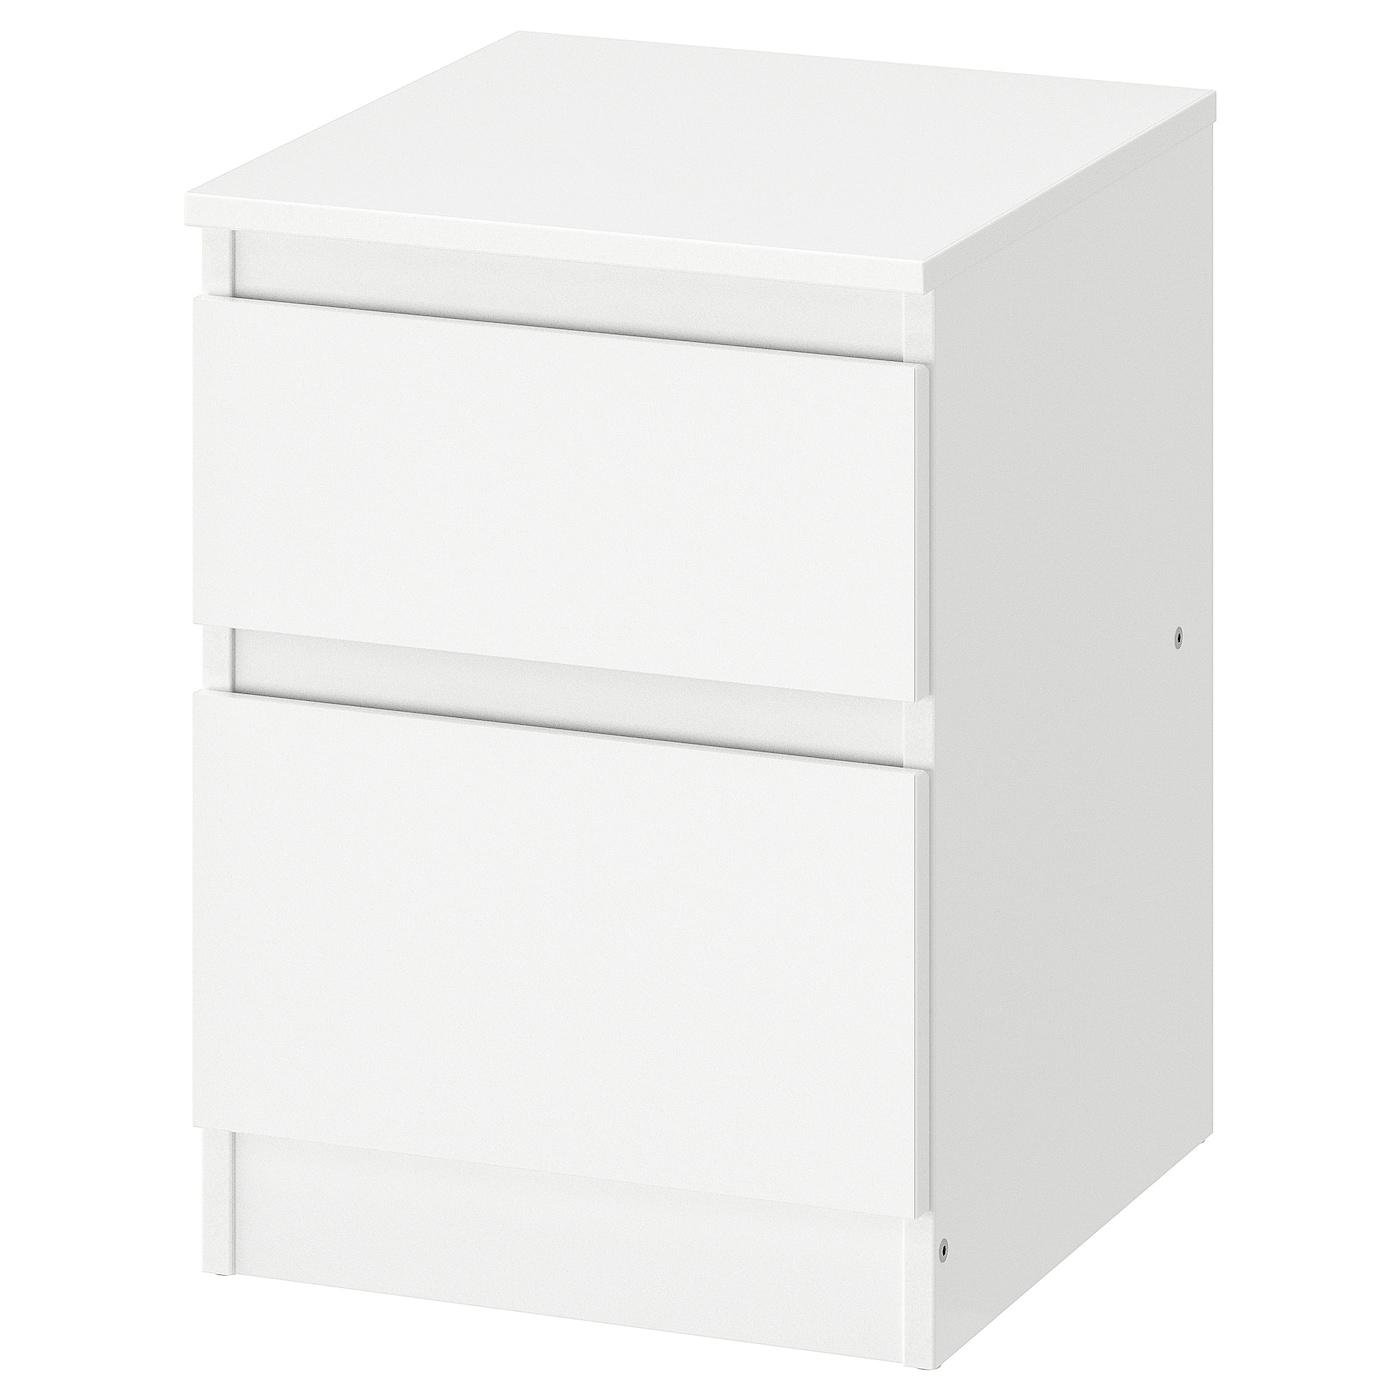 IKEA KULLEN Komoda, 2 szuflady, biały, 35x49 cm